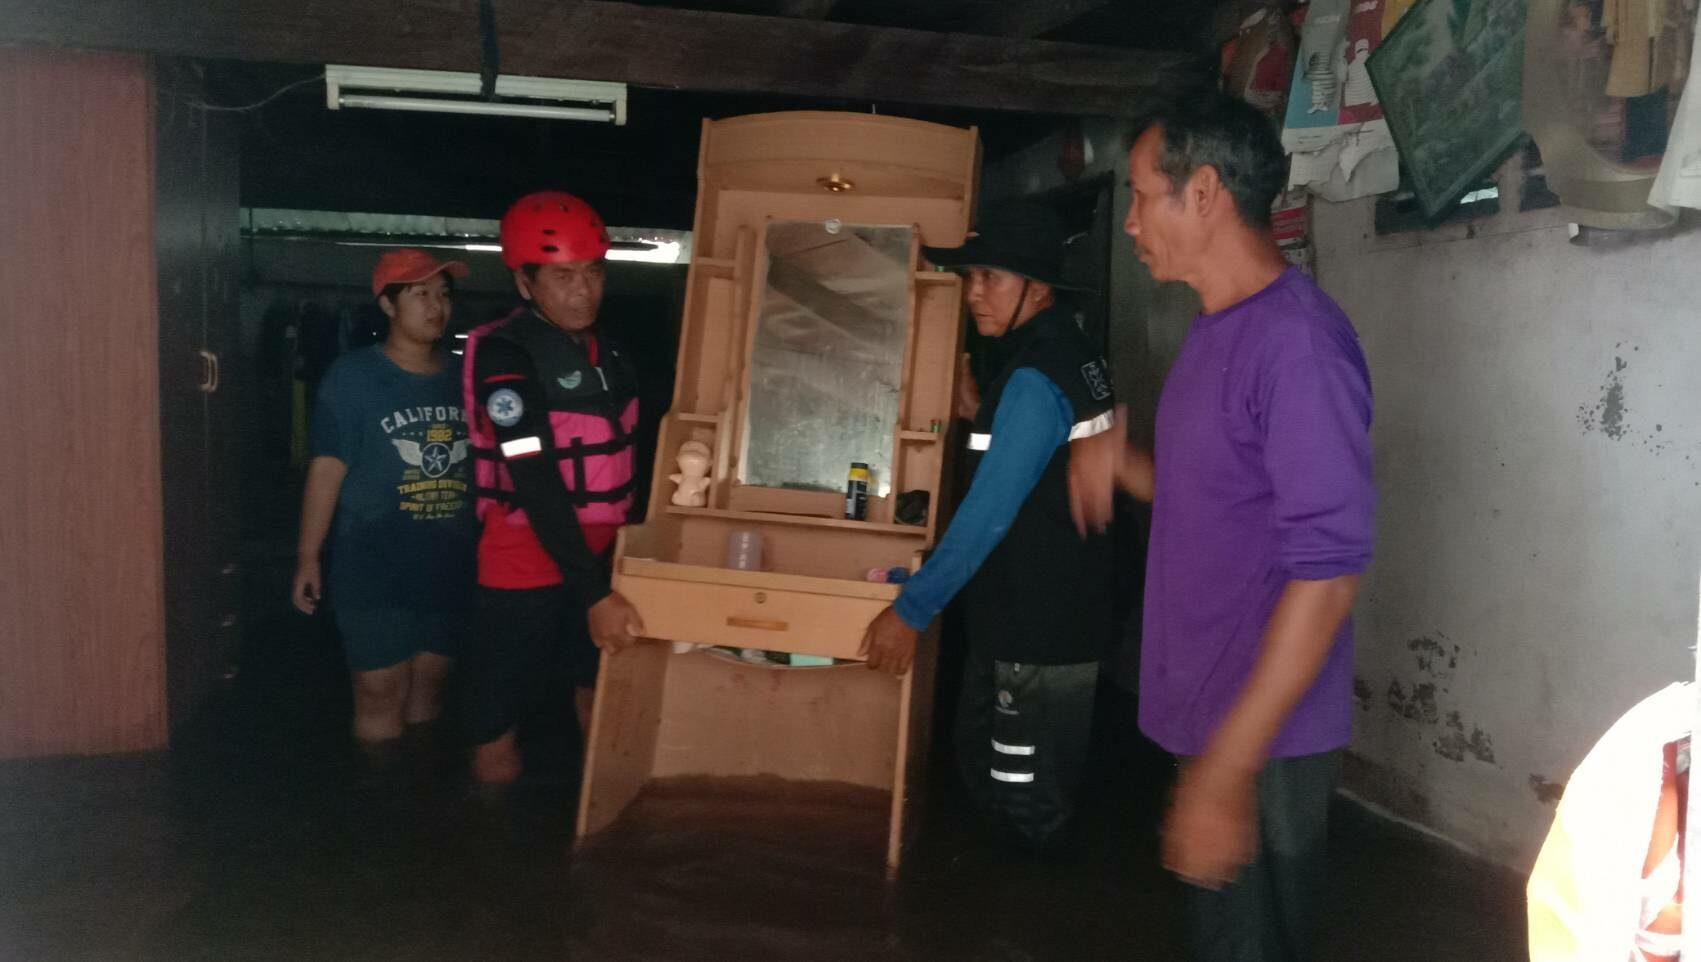 กู้ภัยเร่งอพยพชาวบ้าน-ย้ายสิ่งของ หลังน้ำทะลักท่วมหมู่บ้านในโนนสูง สถานการณ์น่าเป็นห่วง